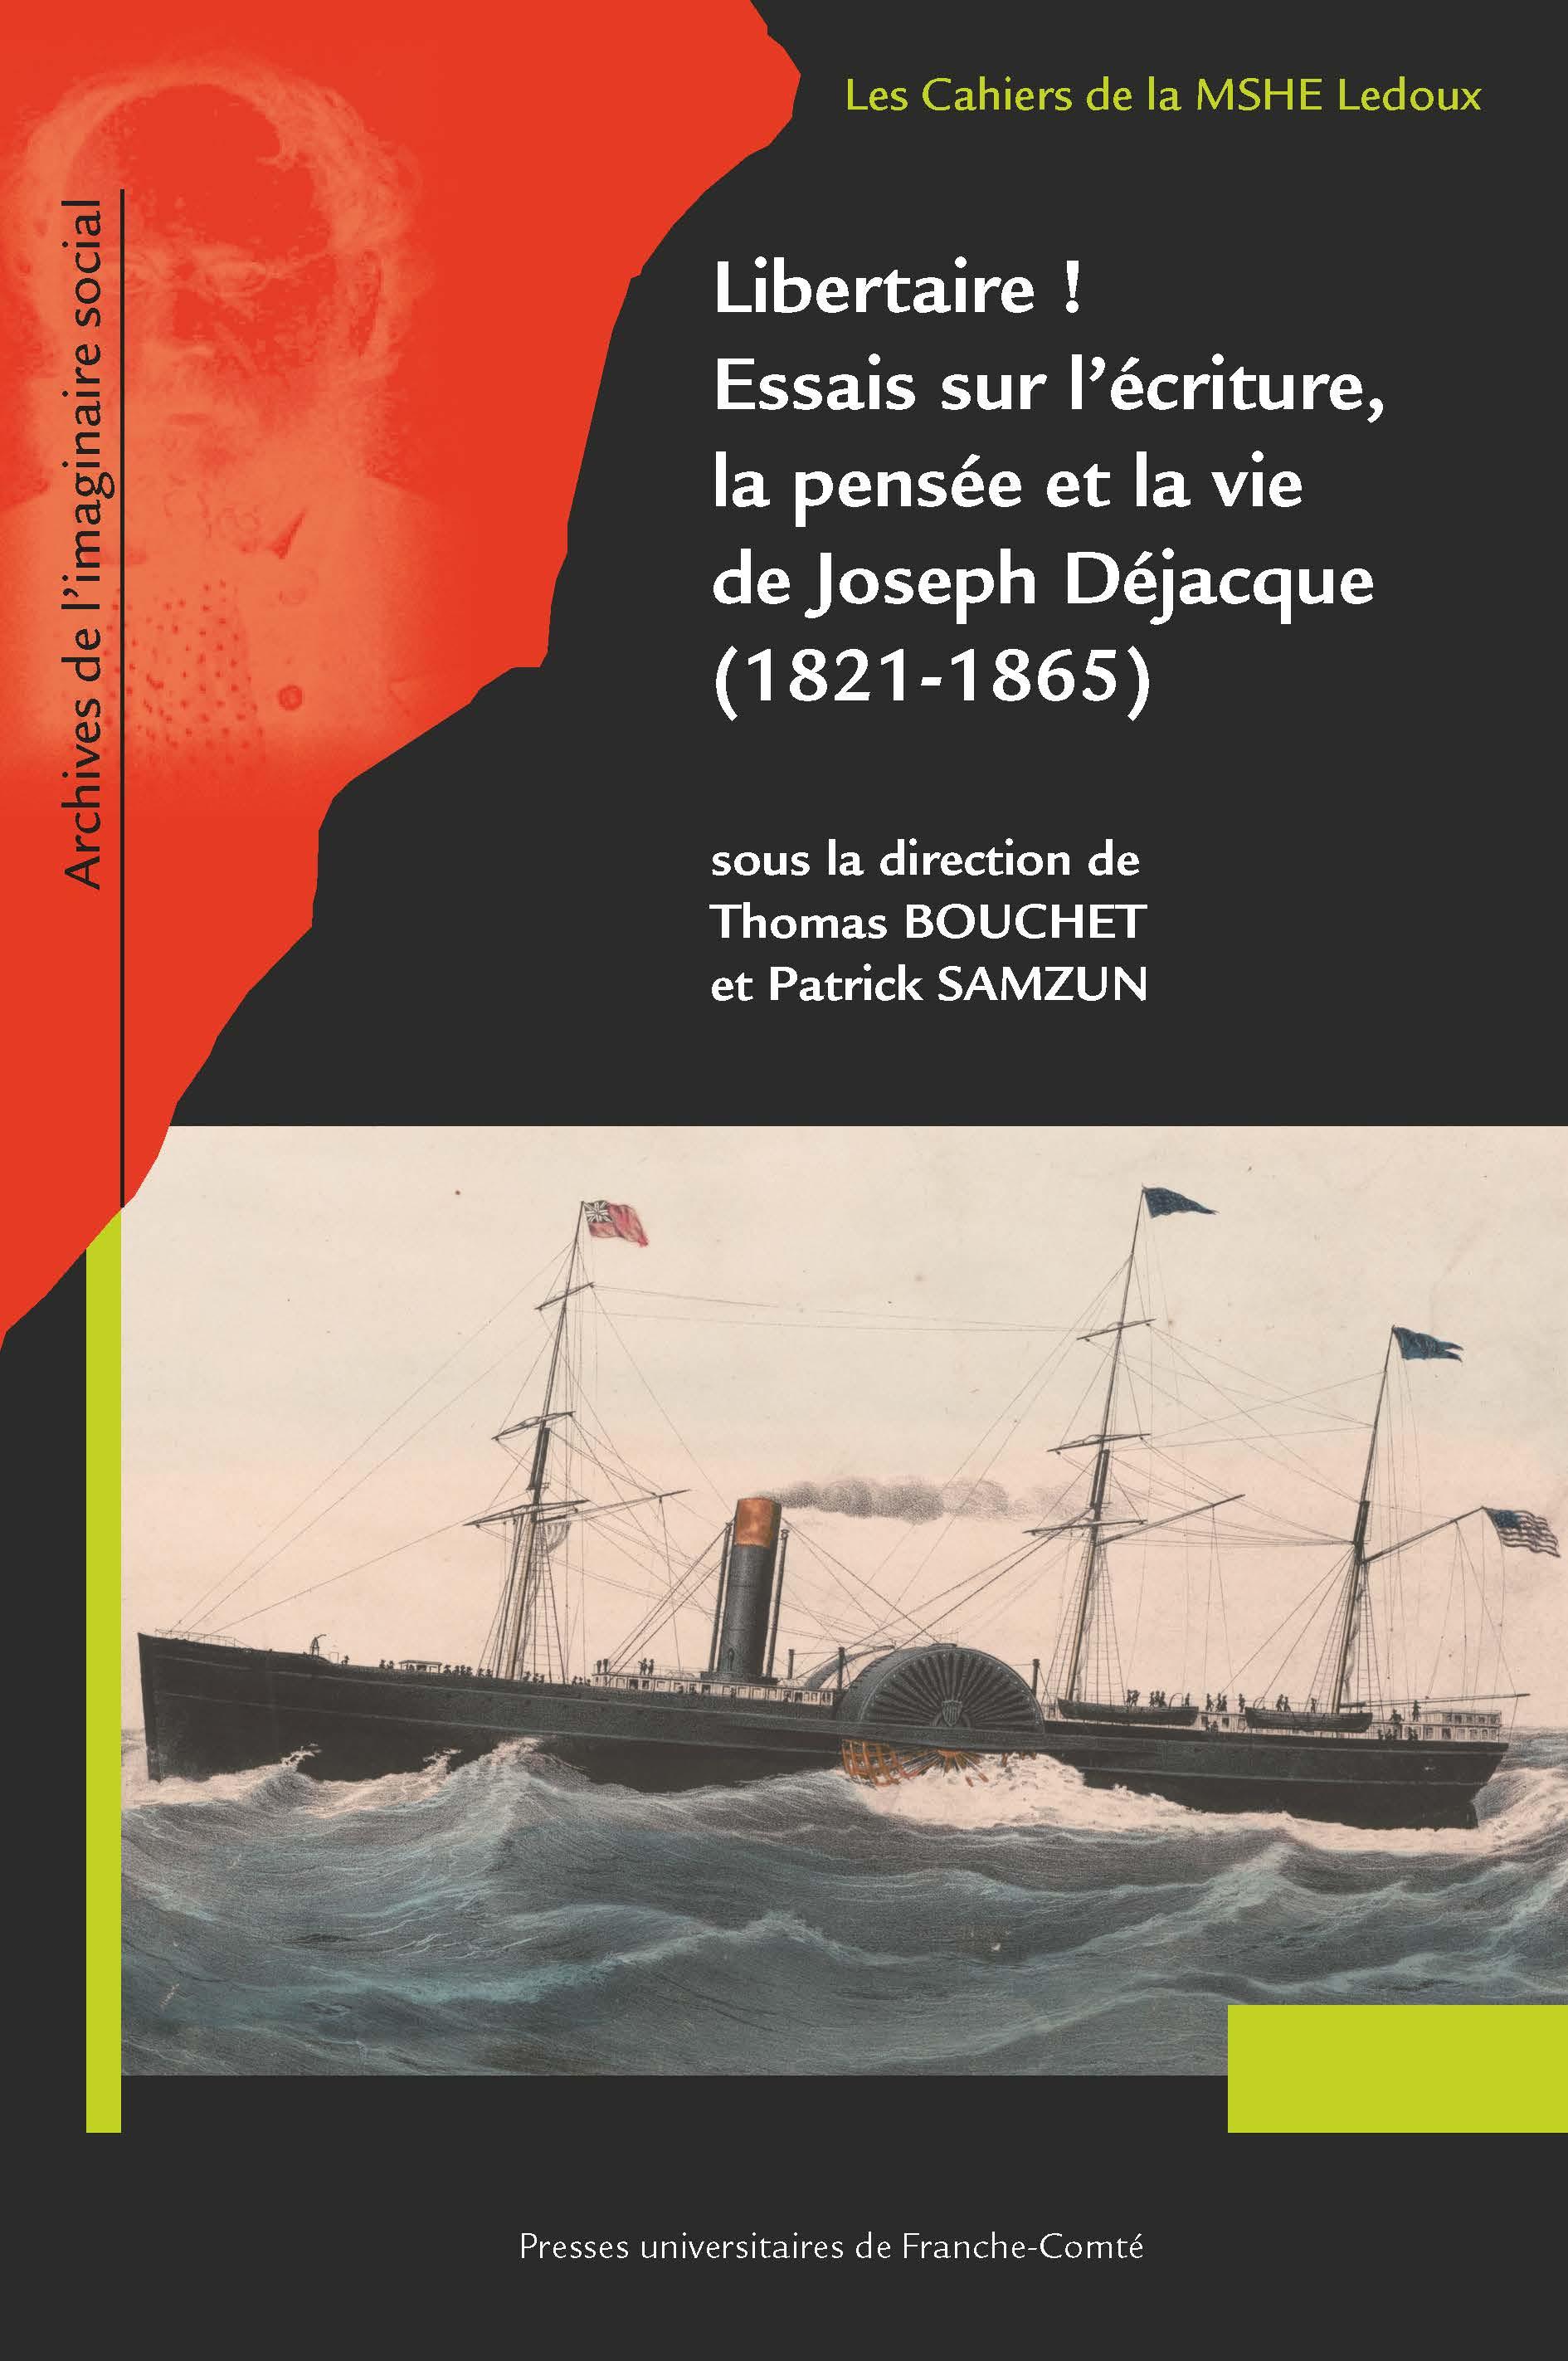 T. Bouchet et P. Samzun (dir.), Libertaire ! Essais sur l'écriture, la pensée et la vie de Joseph Déjacque (1821-1865)